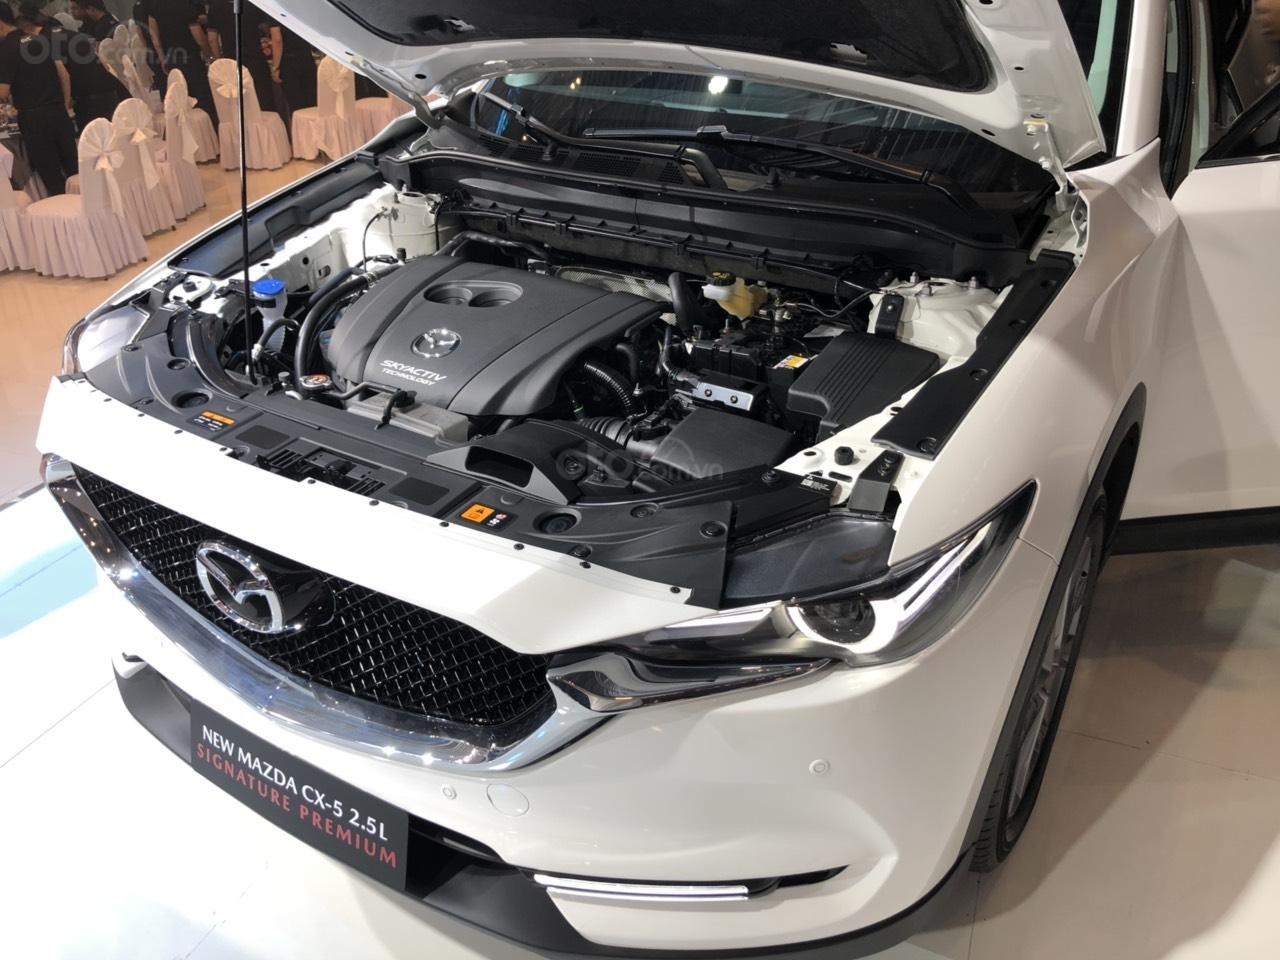 Thông số kỹ thuật xe Mazda CX-5 2020 tại Việt Nam a5